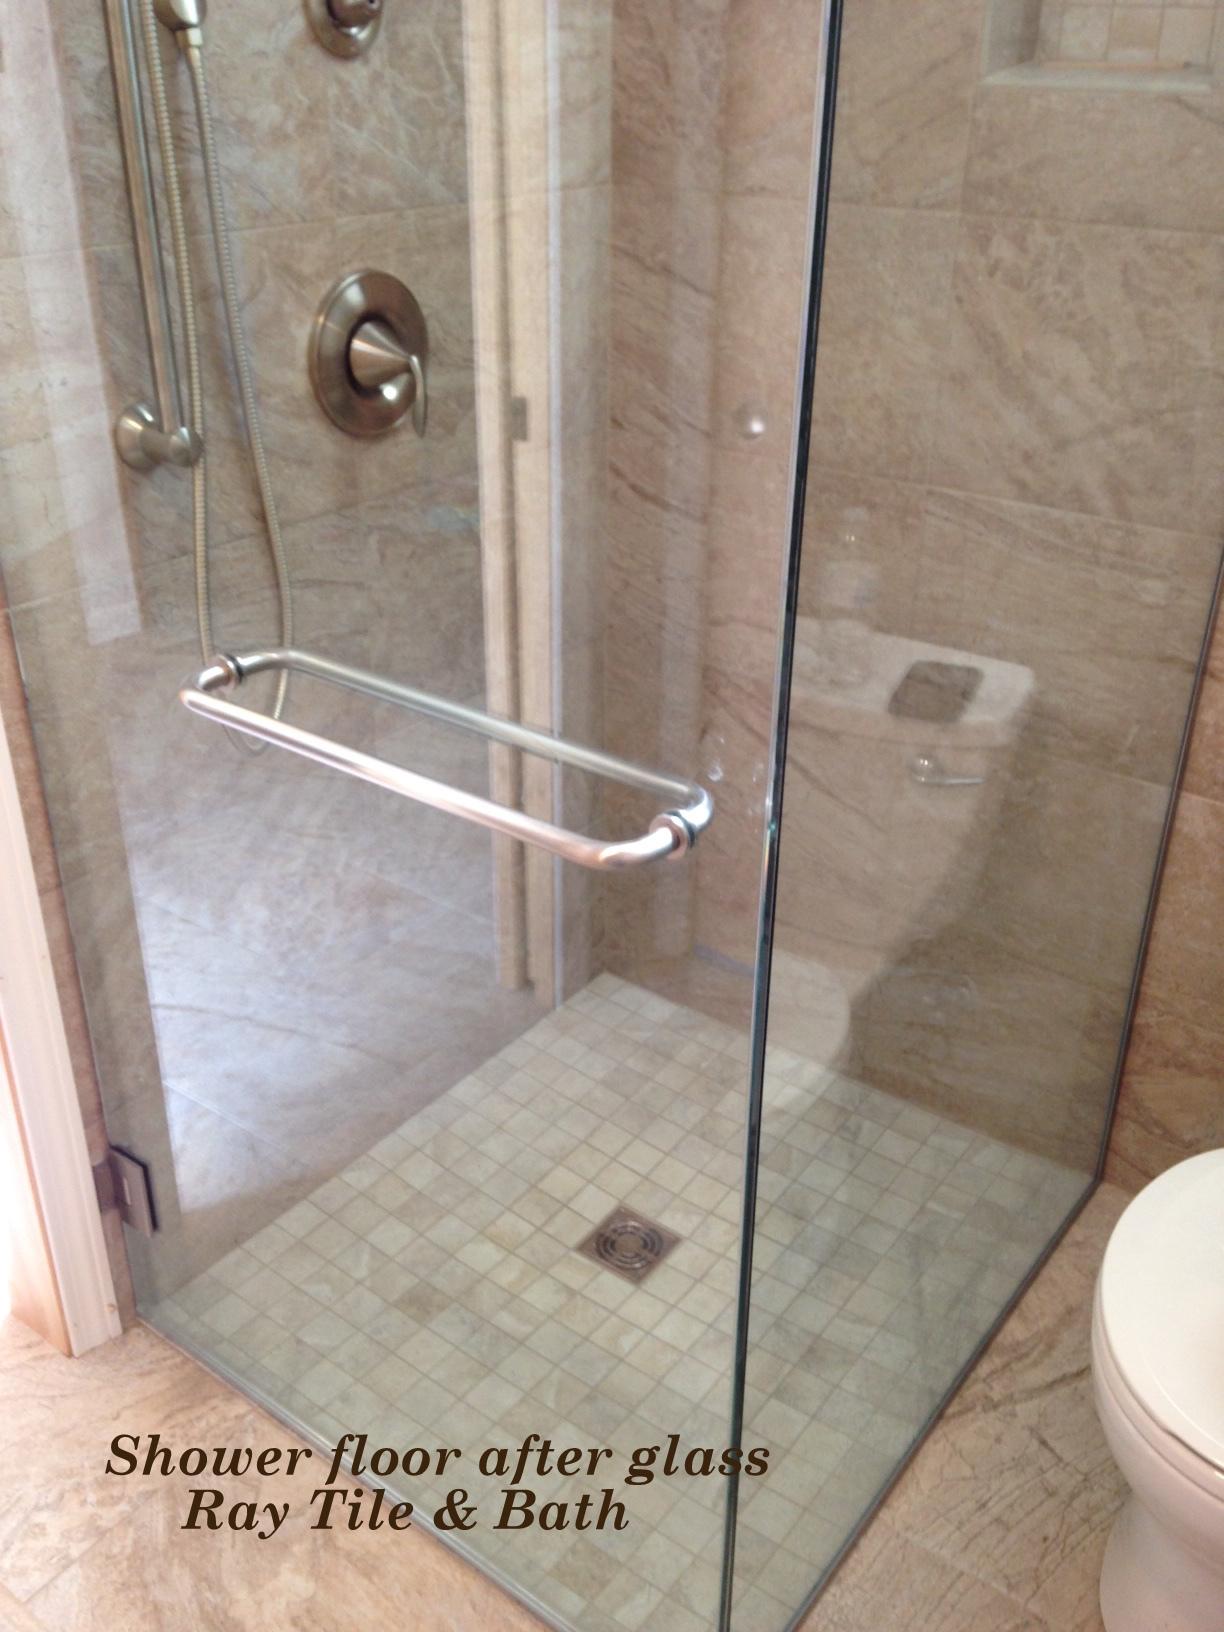 shower floor - after glass - for website2.jpg